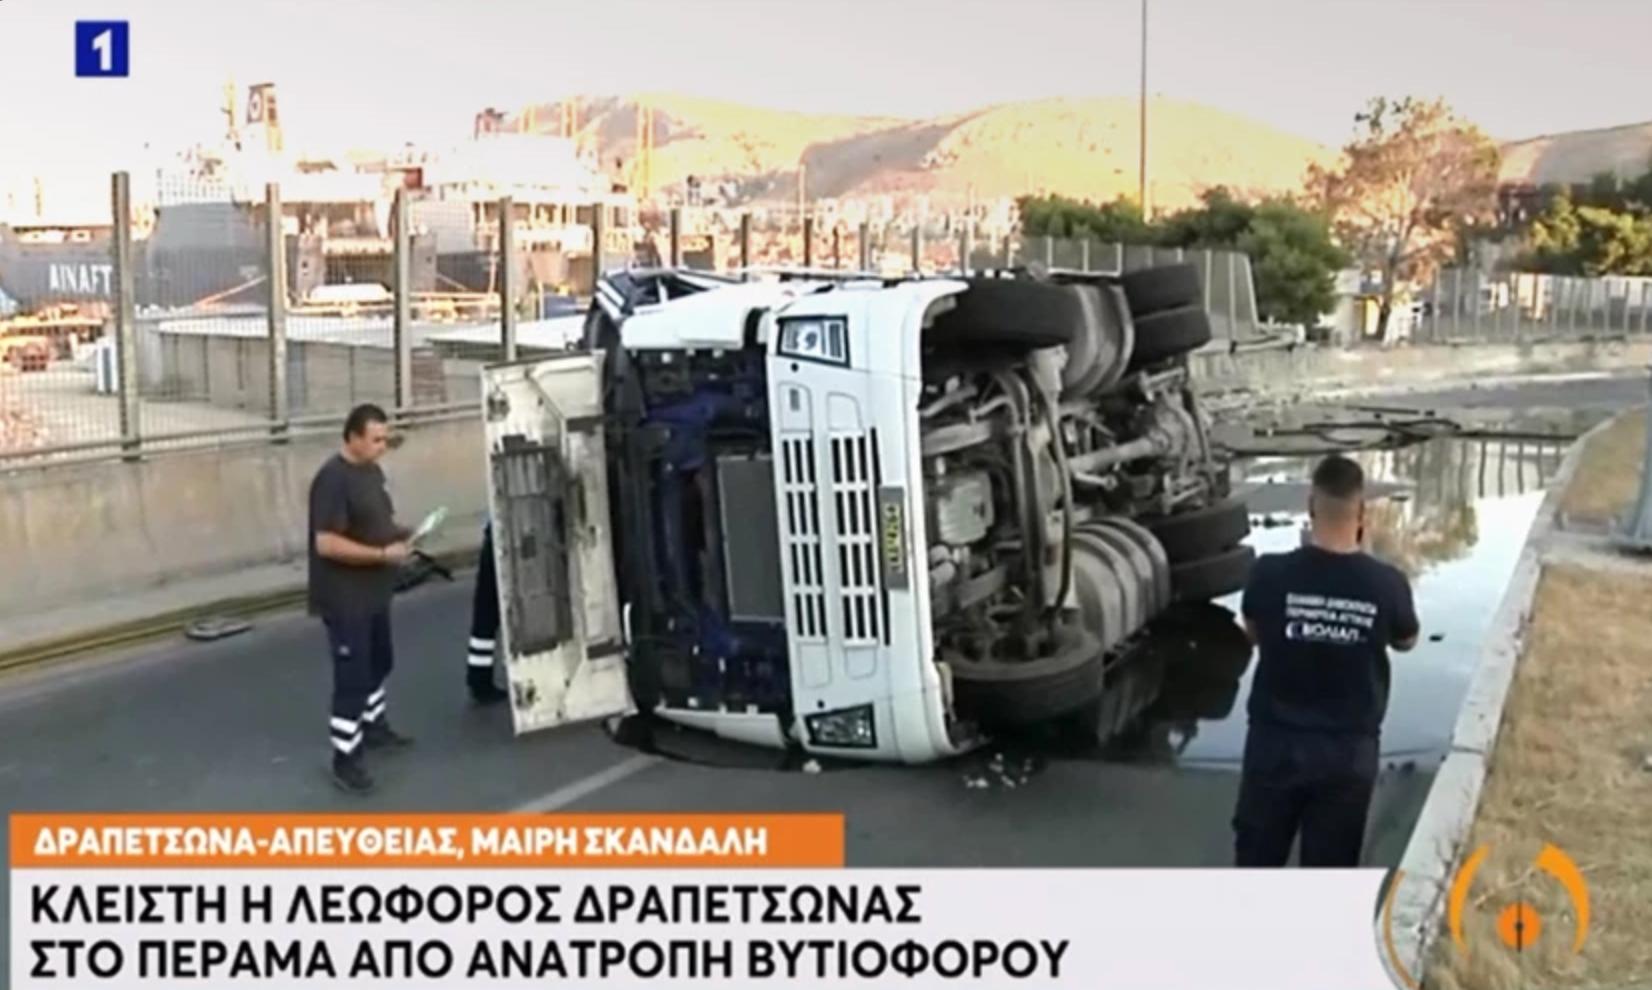 Τροχαίο με βυτιοφόρο στη Δραπετσώνα: Γέμισε ο δρόμος πετρέλαιο μαζούτ